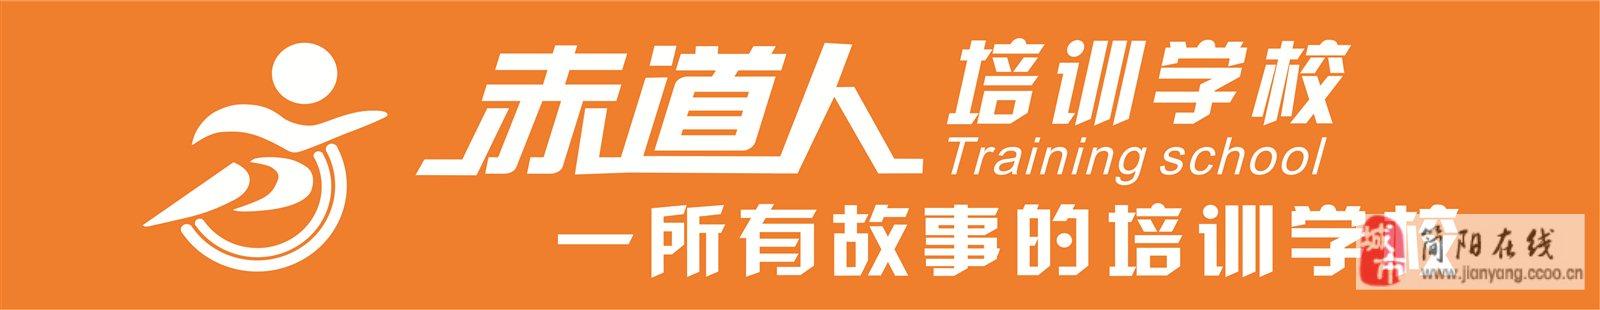 简阳市赤道人培训学校有限公司